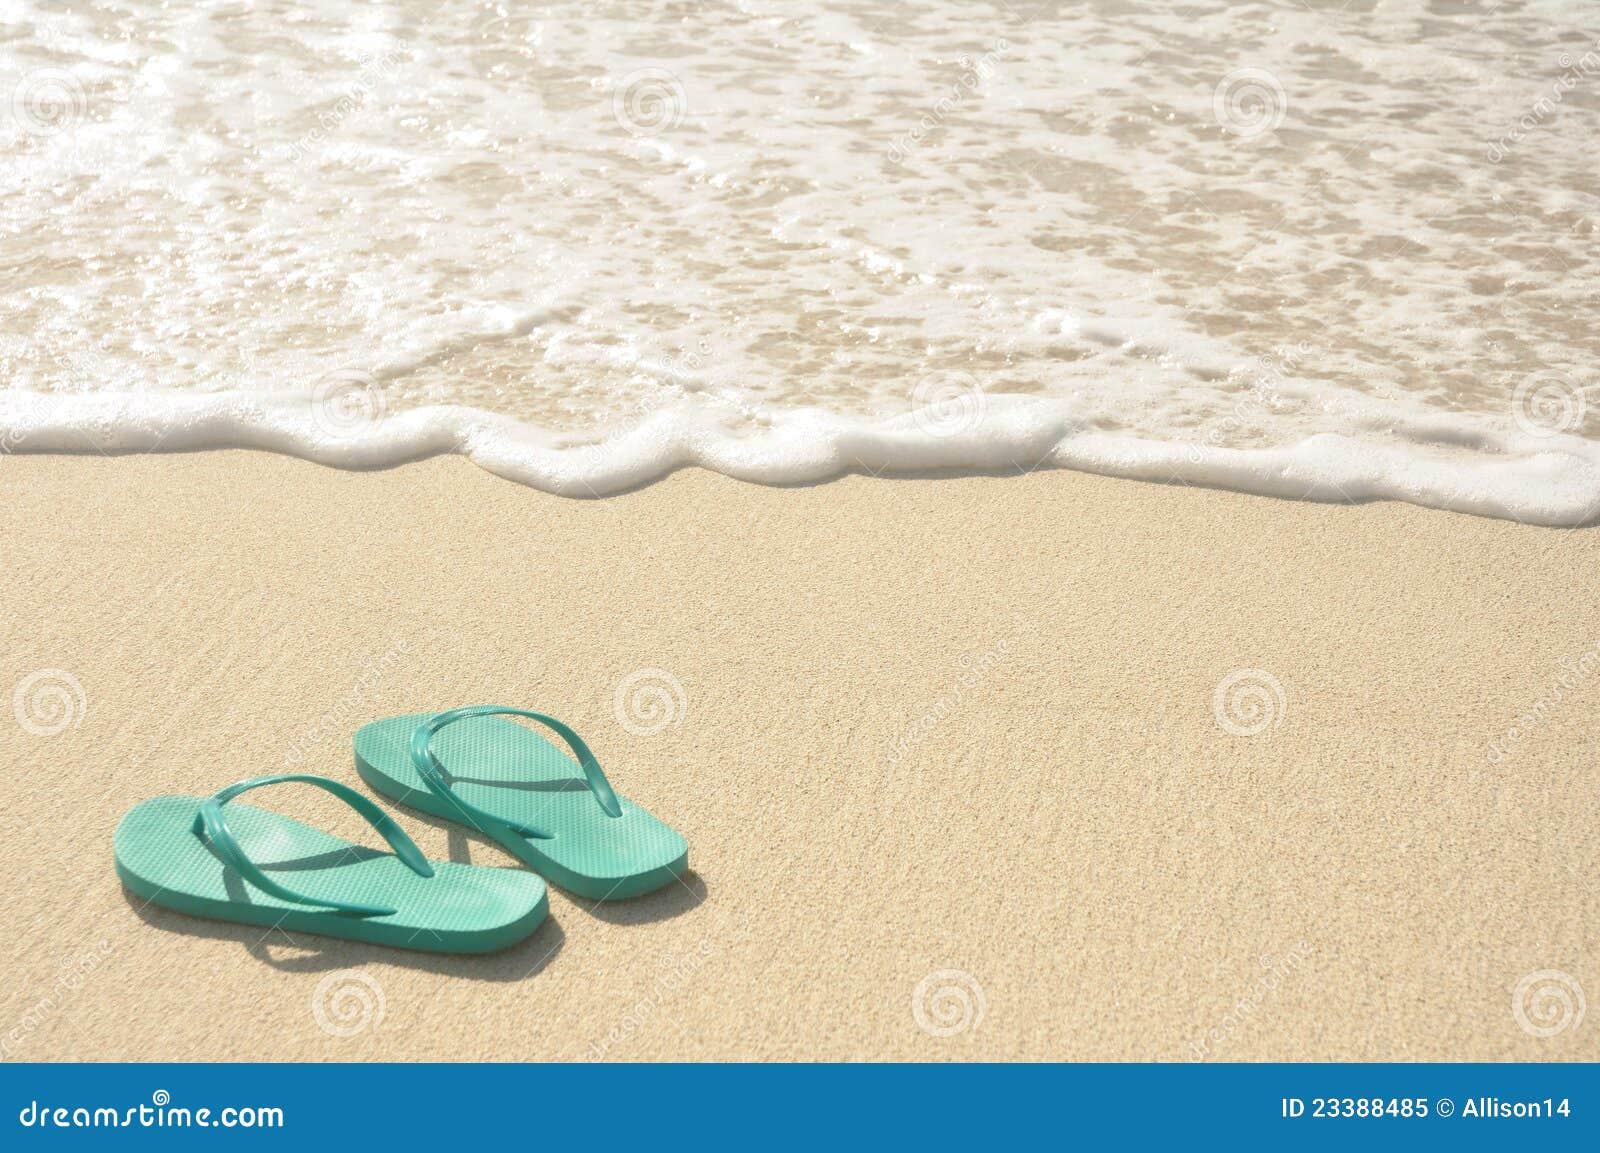 все о гоа пляжи фото